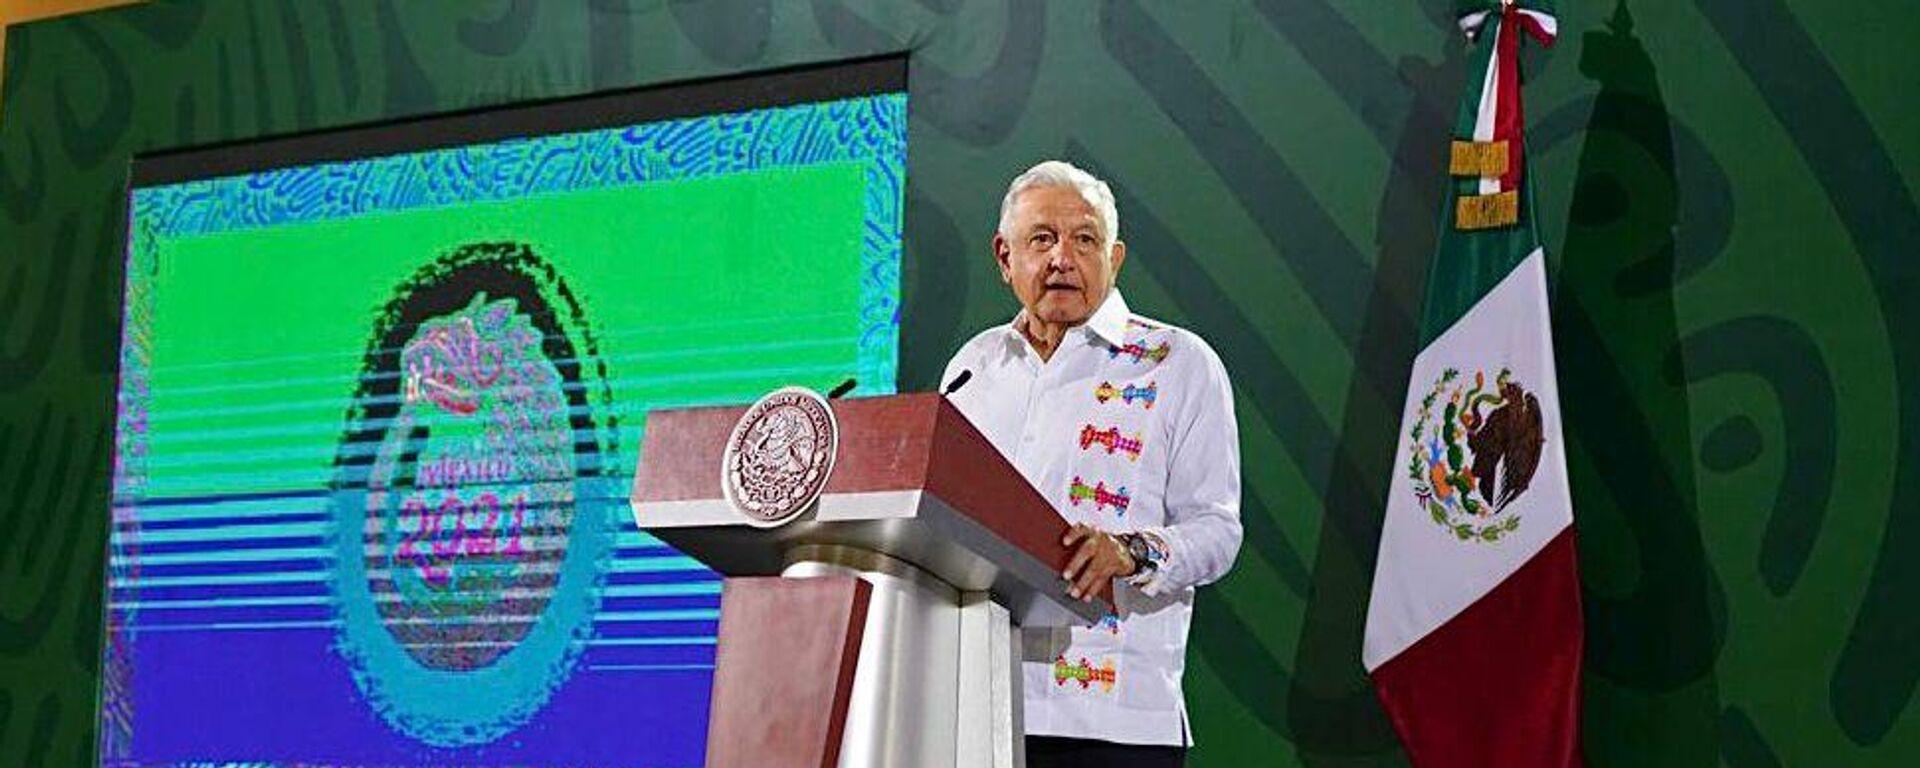 Andrés Manuel López Obrador, presidente de México - Sputnik Mundo, 1920, 05.10.2021